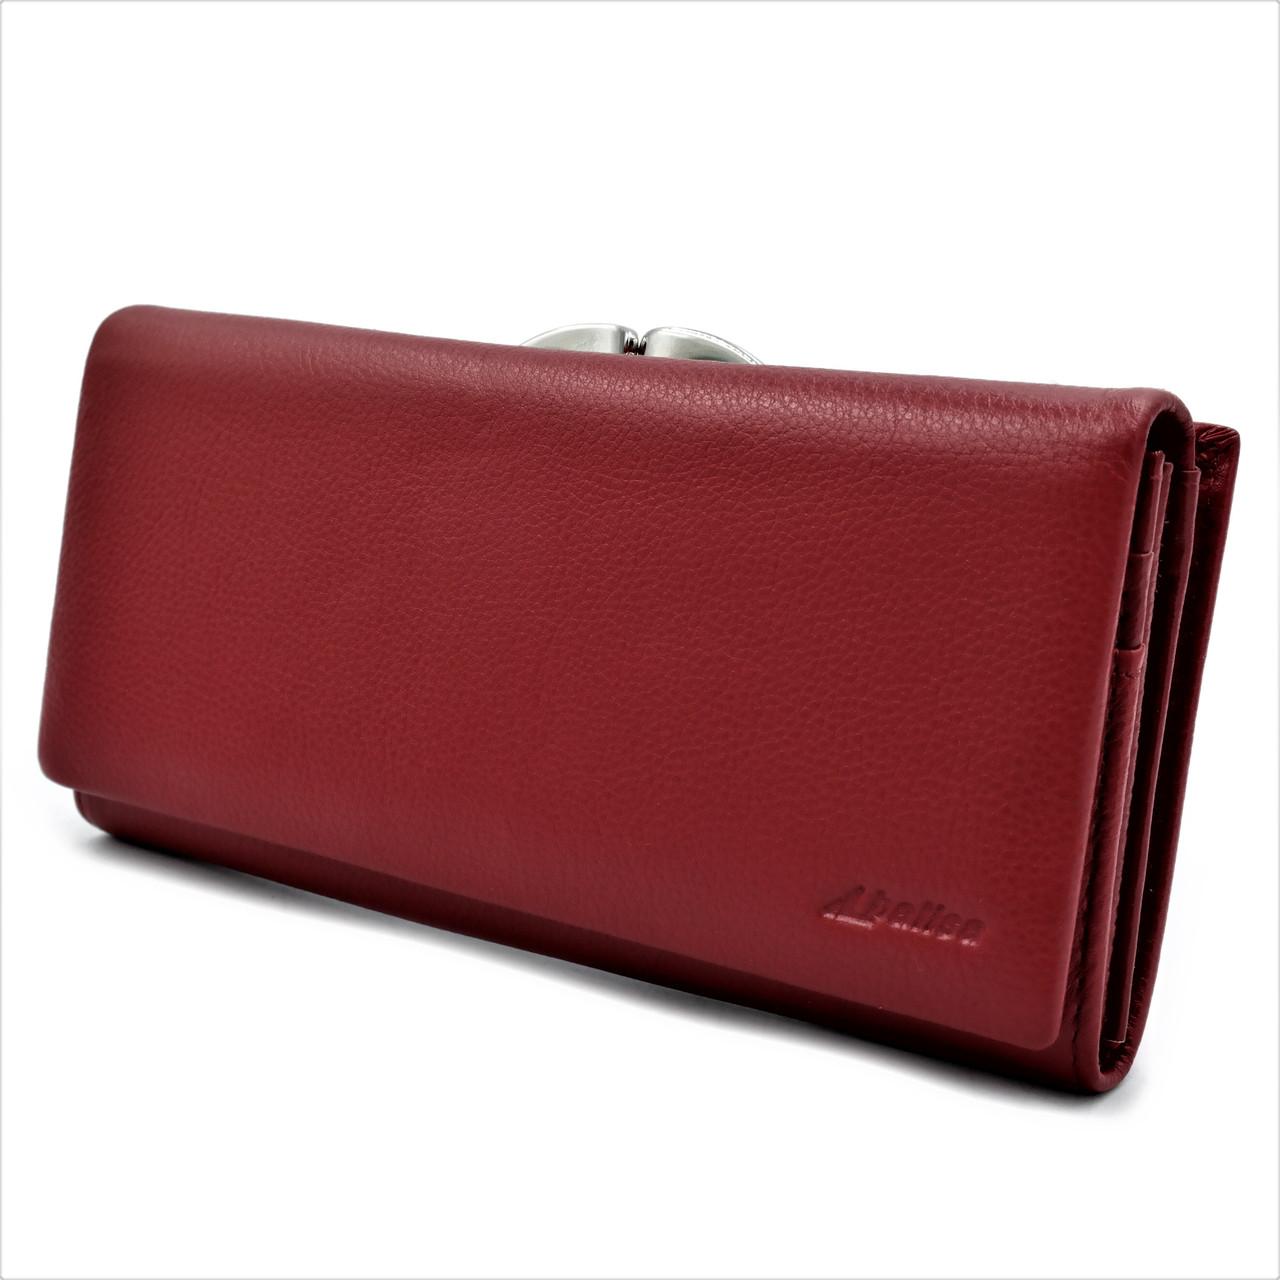 Женский кожаный кошелек Тёмно-красный Удобный кошелек для девушки Женский кошелек портмоне из натуральной кожи